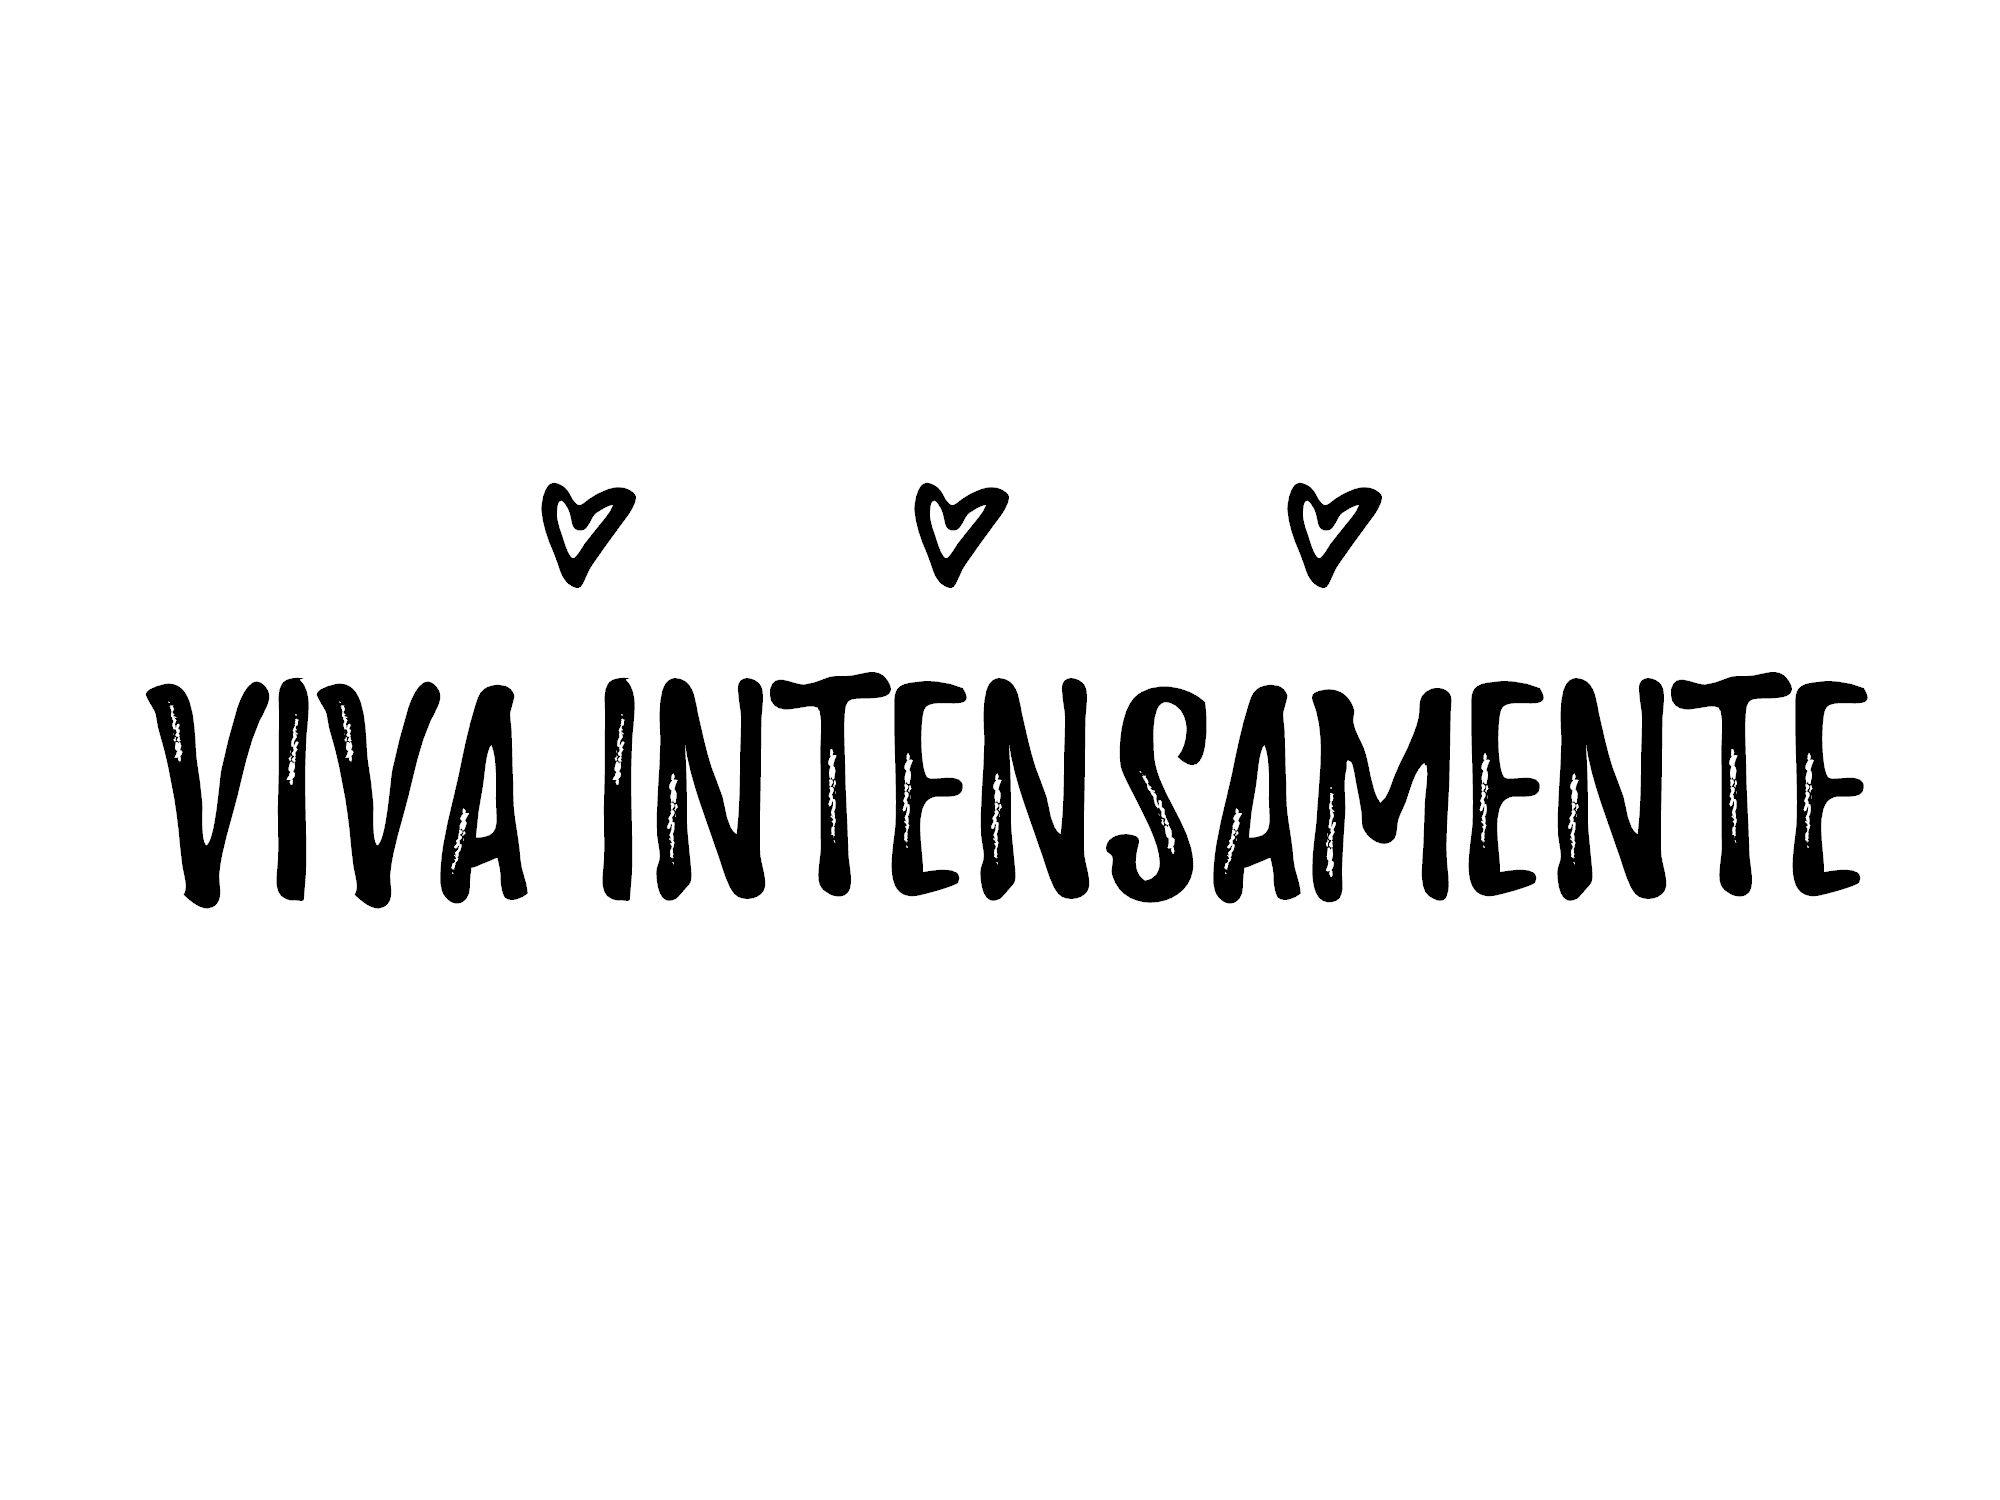 Viva Intensamente Foto De Respiro Frasespositivas Frases